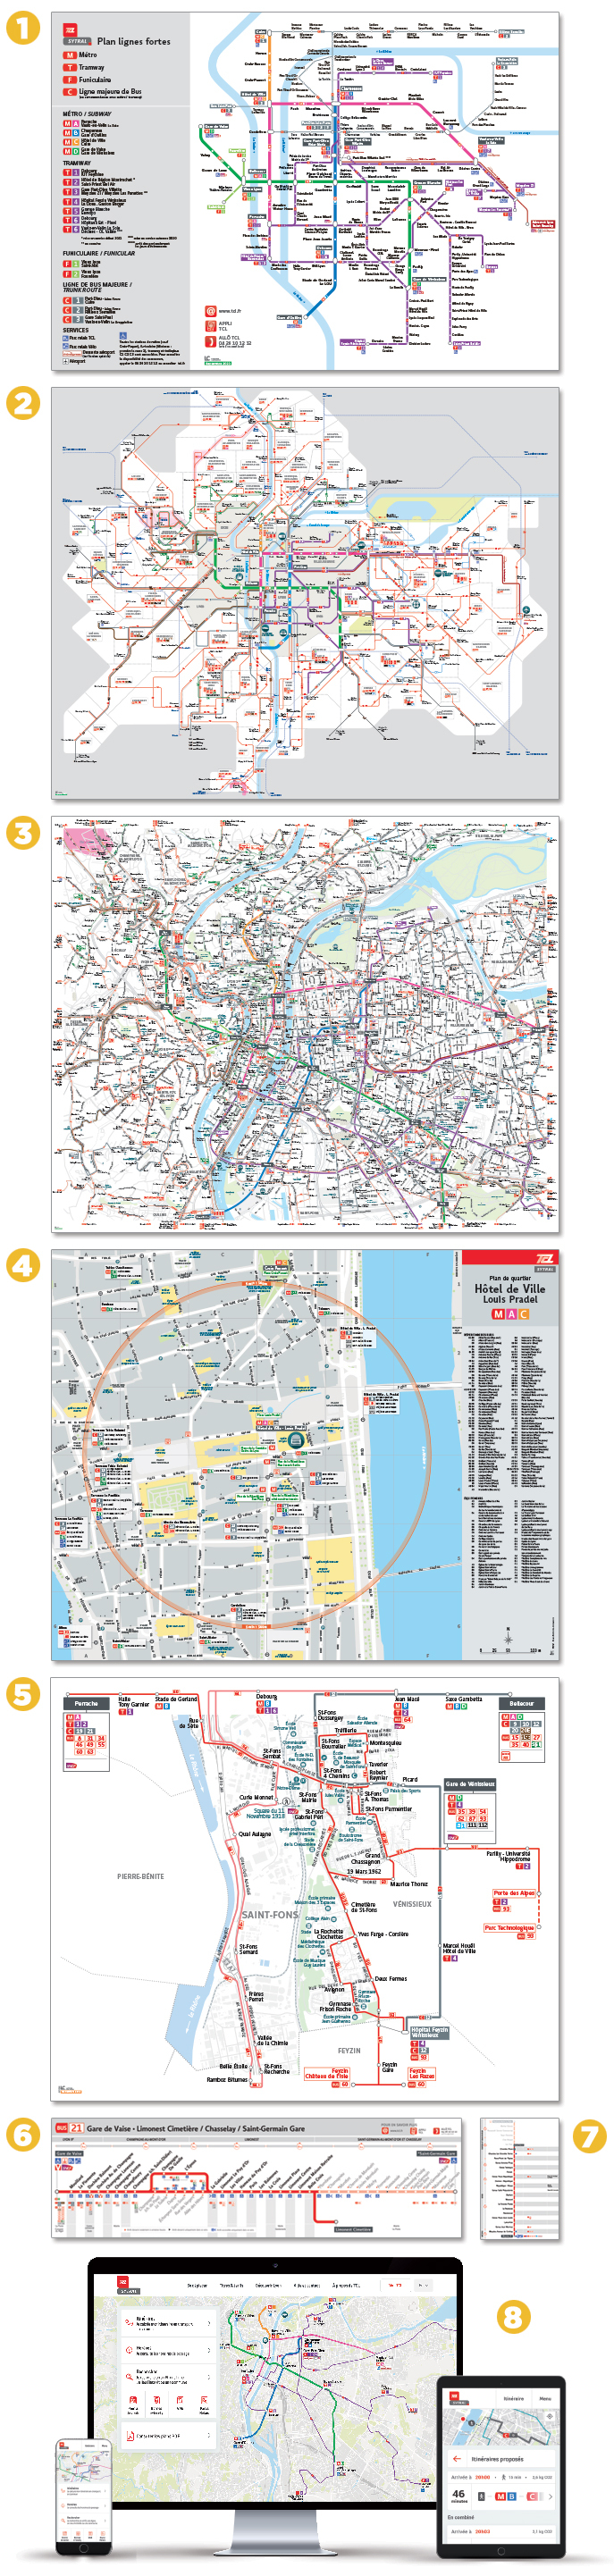 gamme-cartographique-signalétique-tcl-lyon